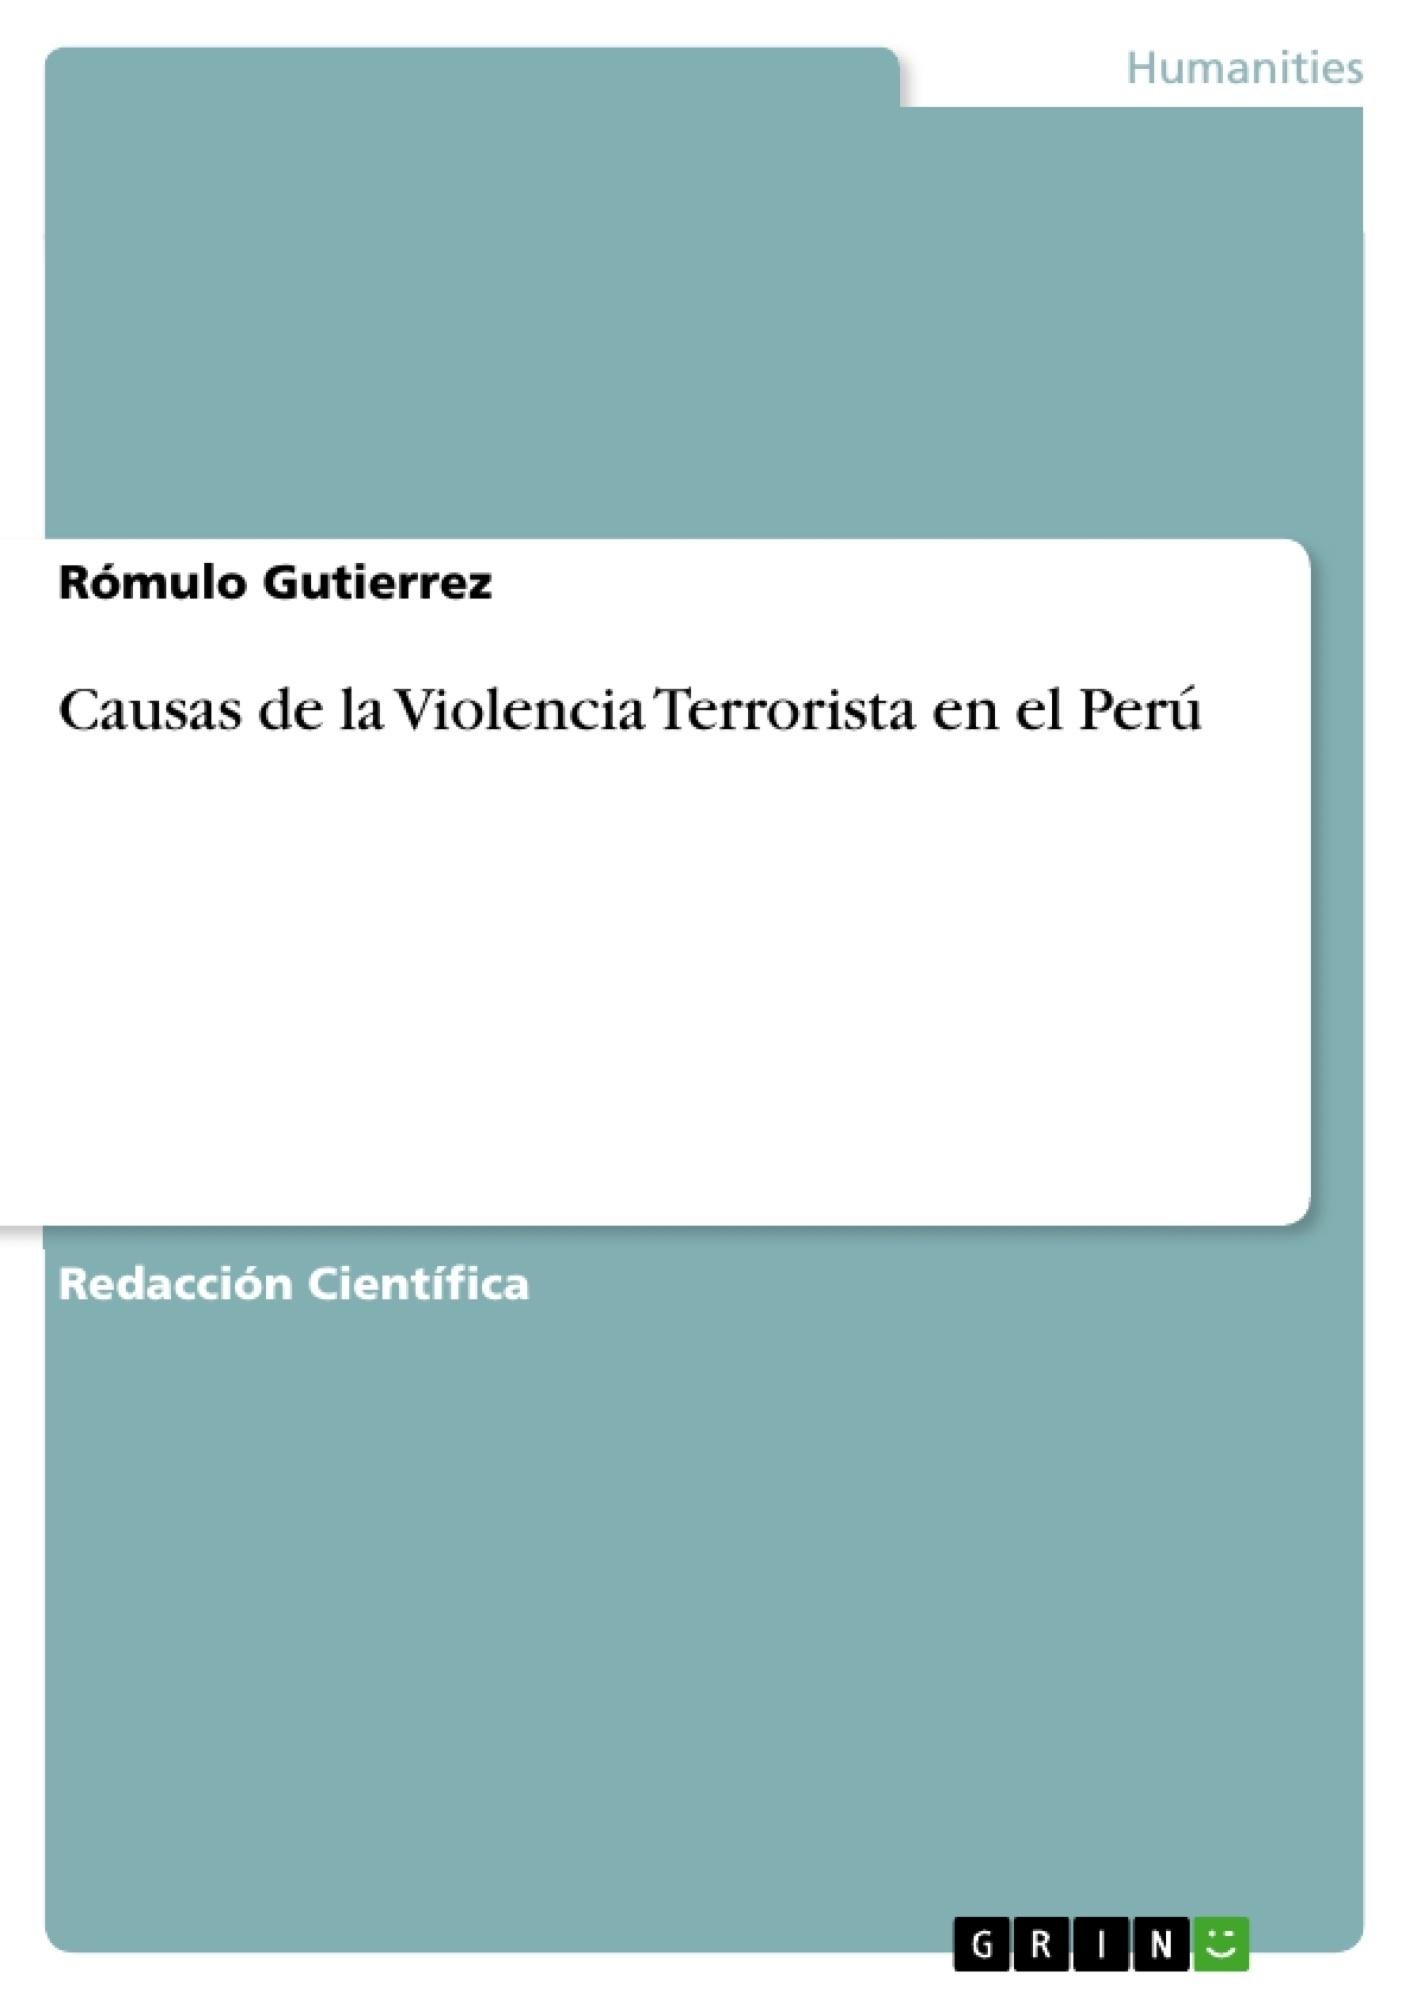 Título: Causas de la Violencia Terrorista en el Perú